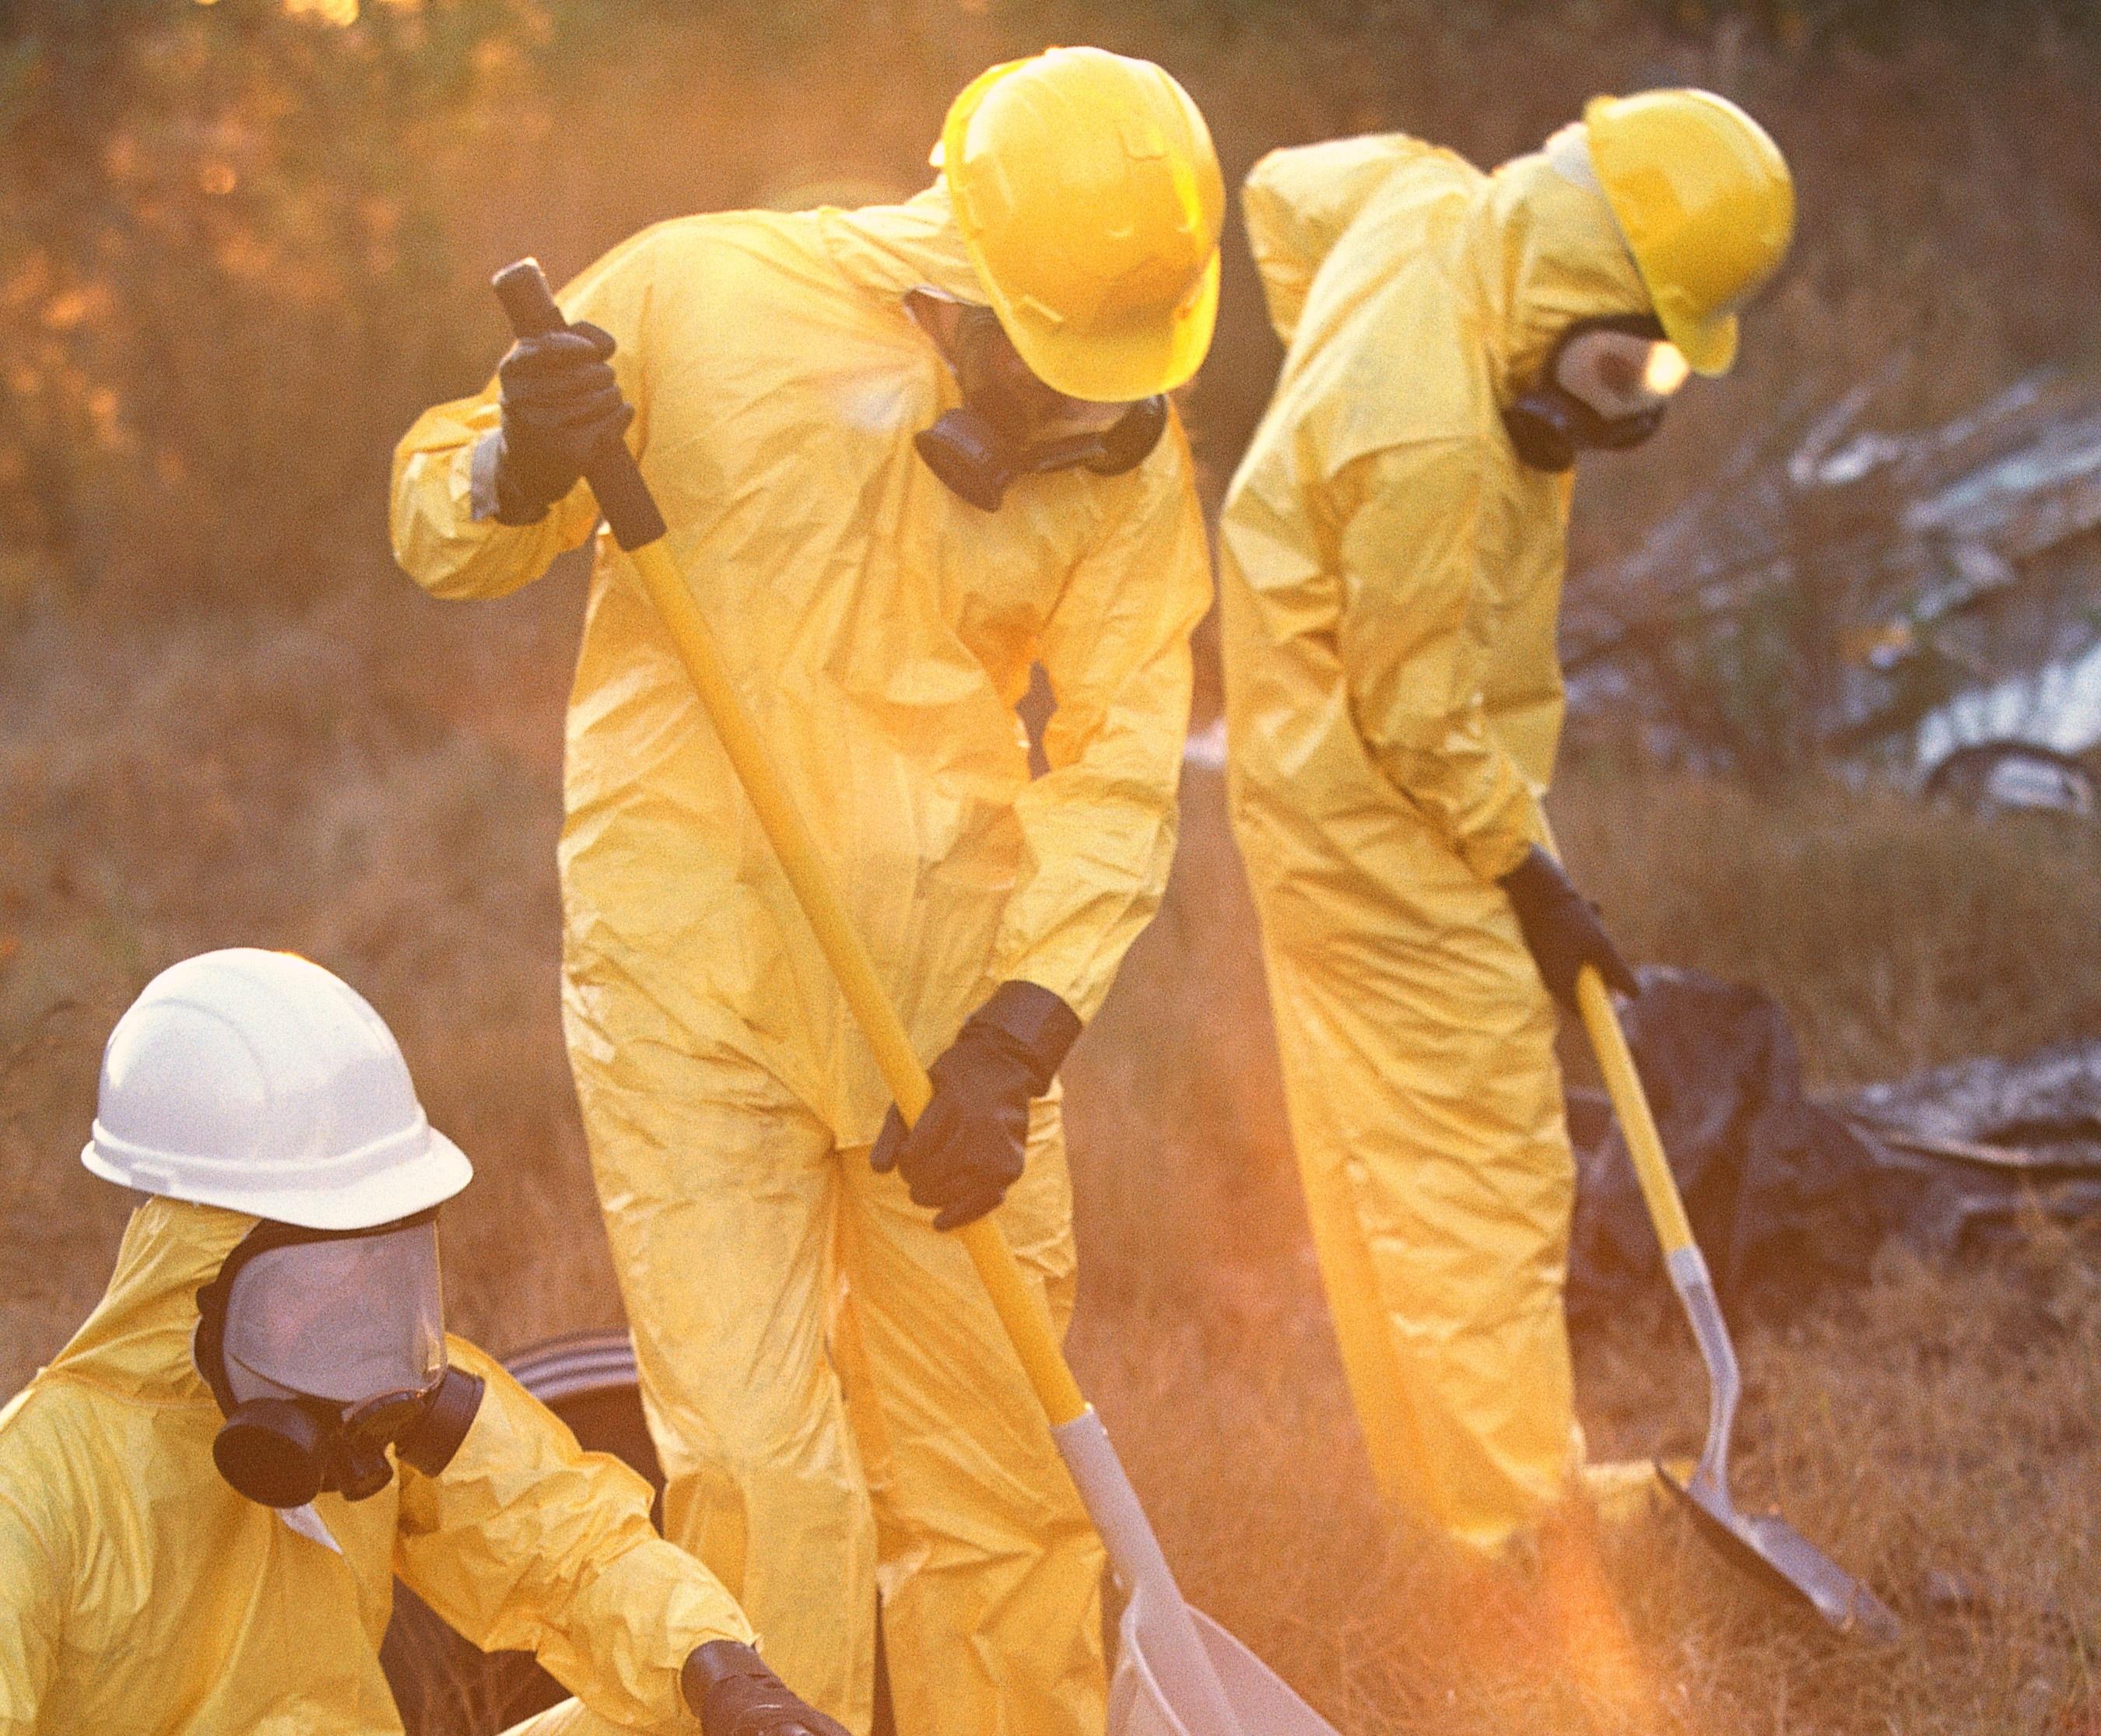 Workers wearing respirators